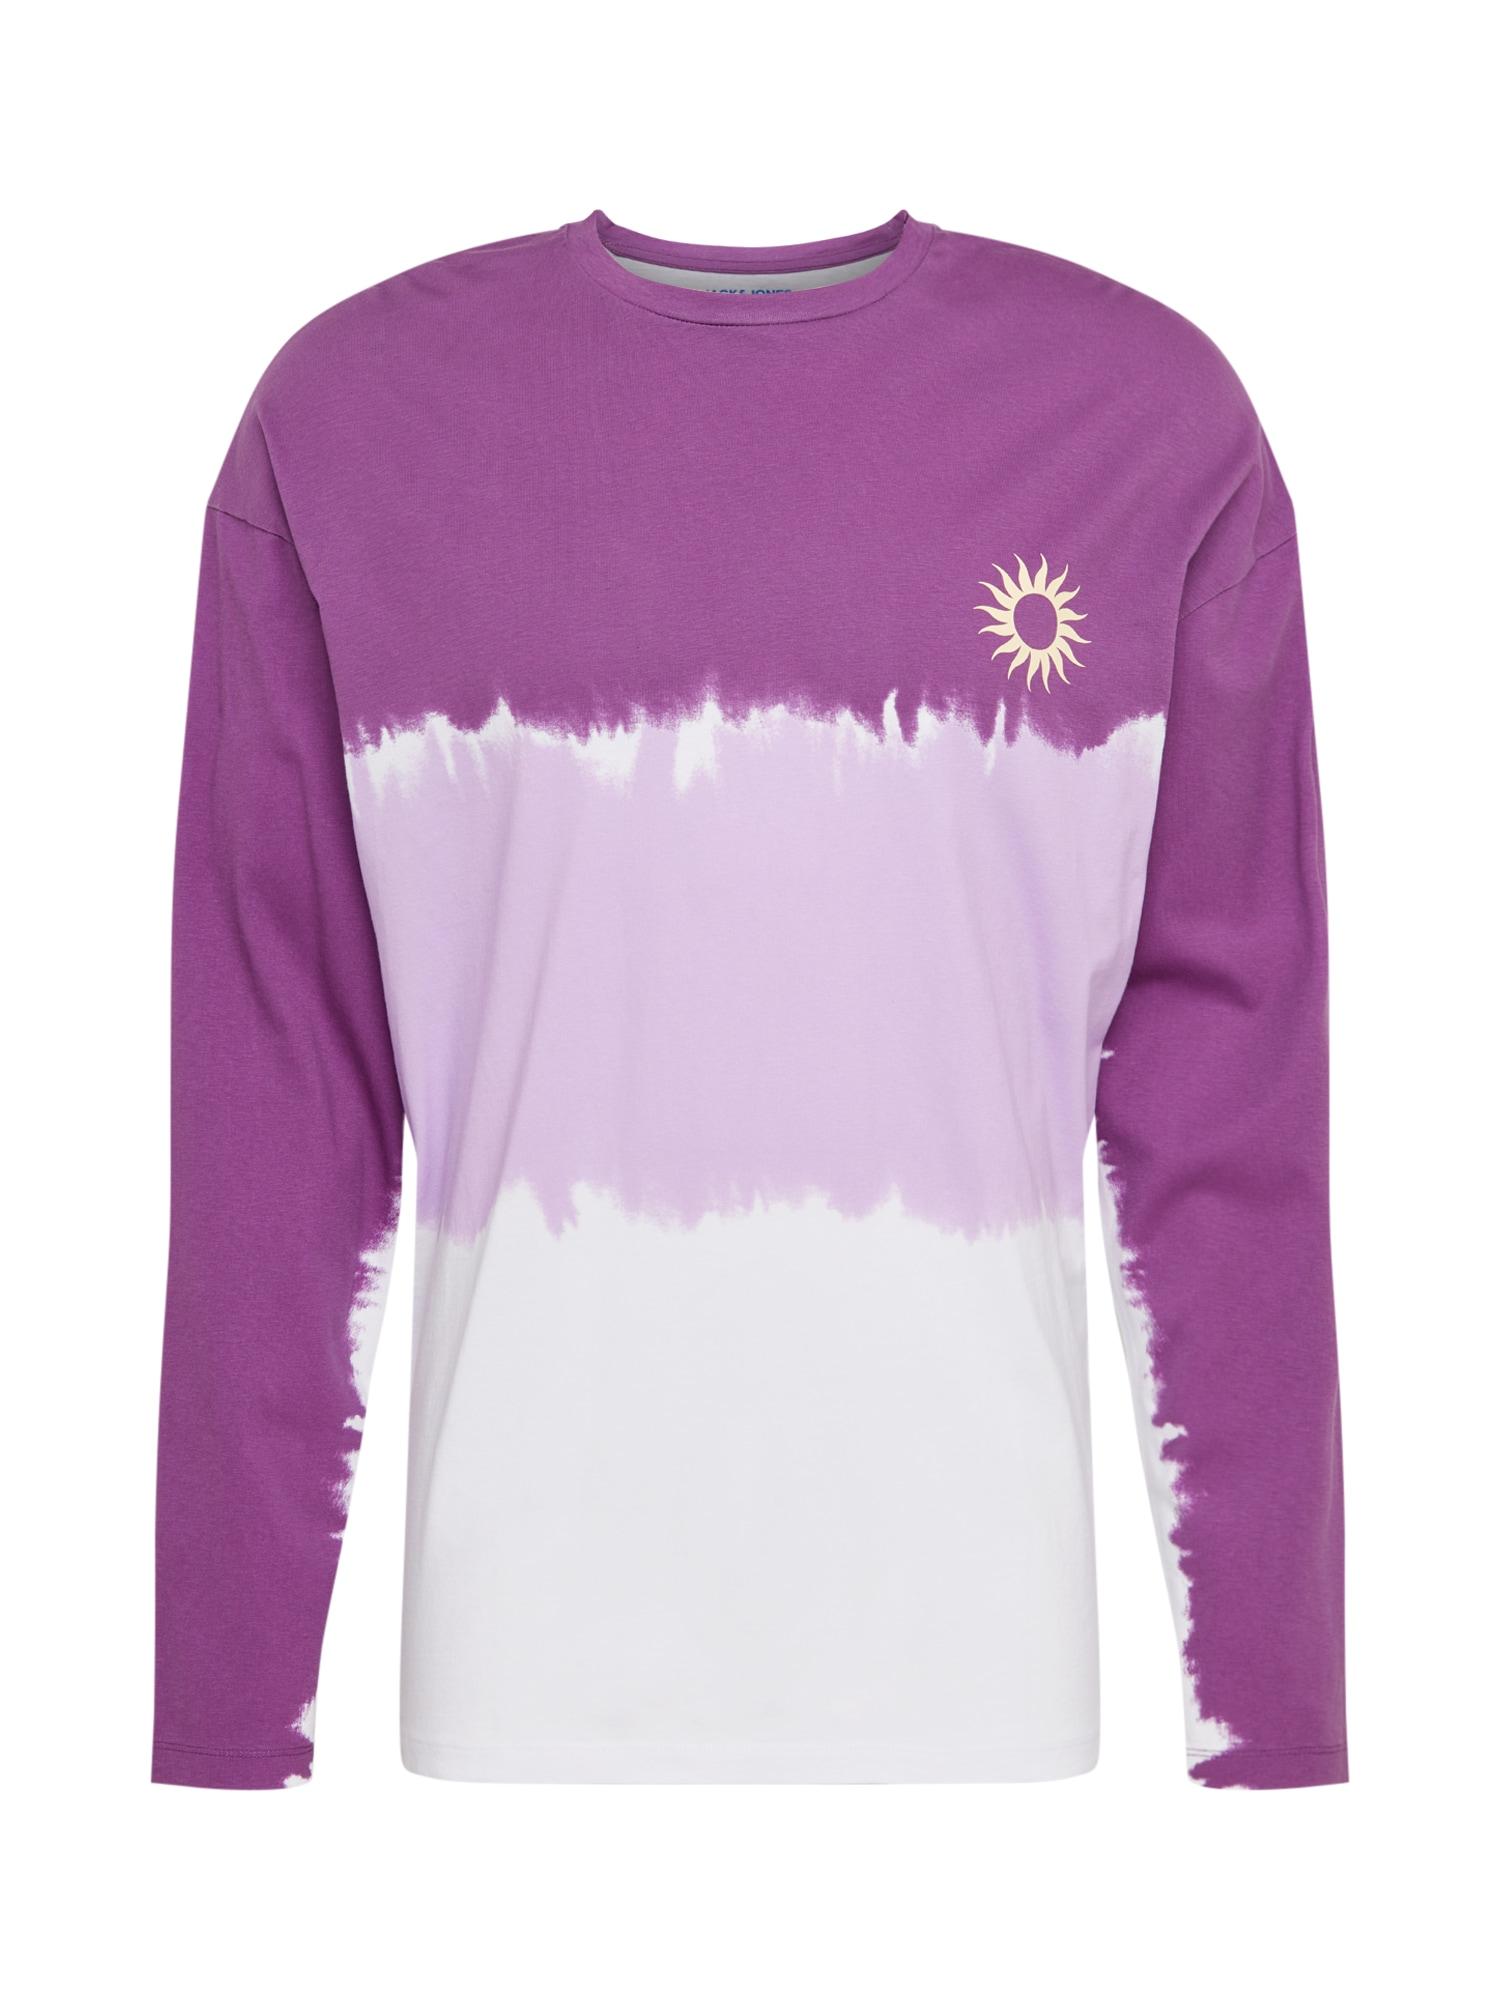 JACK & JONES Marškinėliai 'HOSSEGOR' šviesiai violetinė / balta / purpurinė